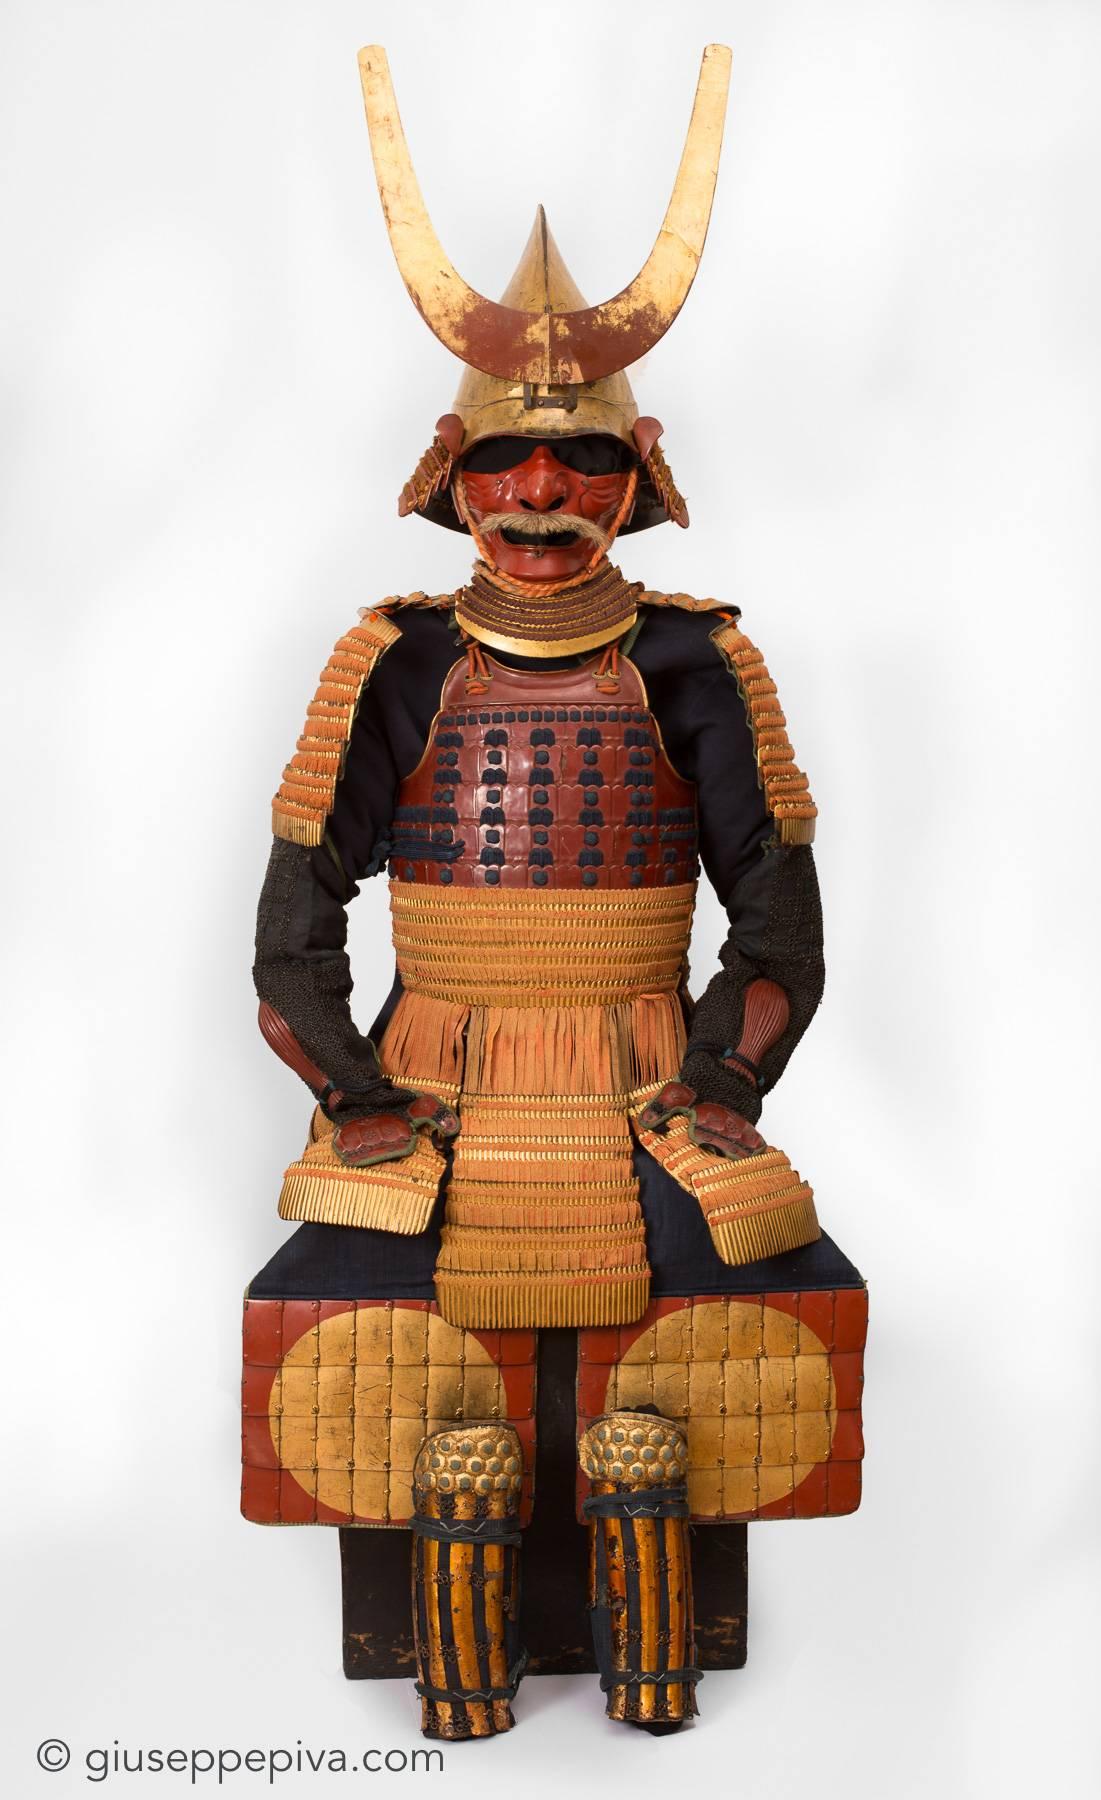 Armatura da samurai decorata in lacca rossa, XVII secolo